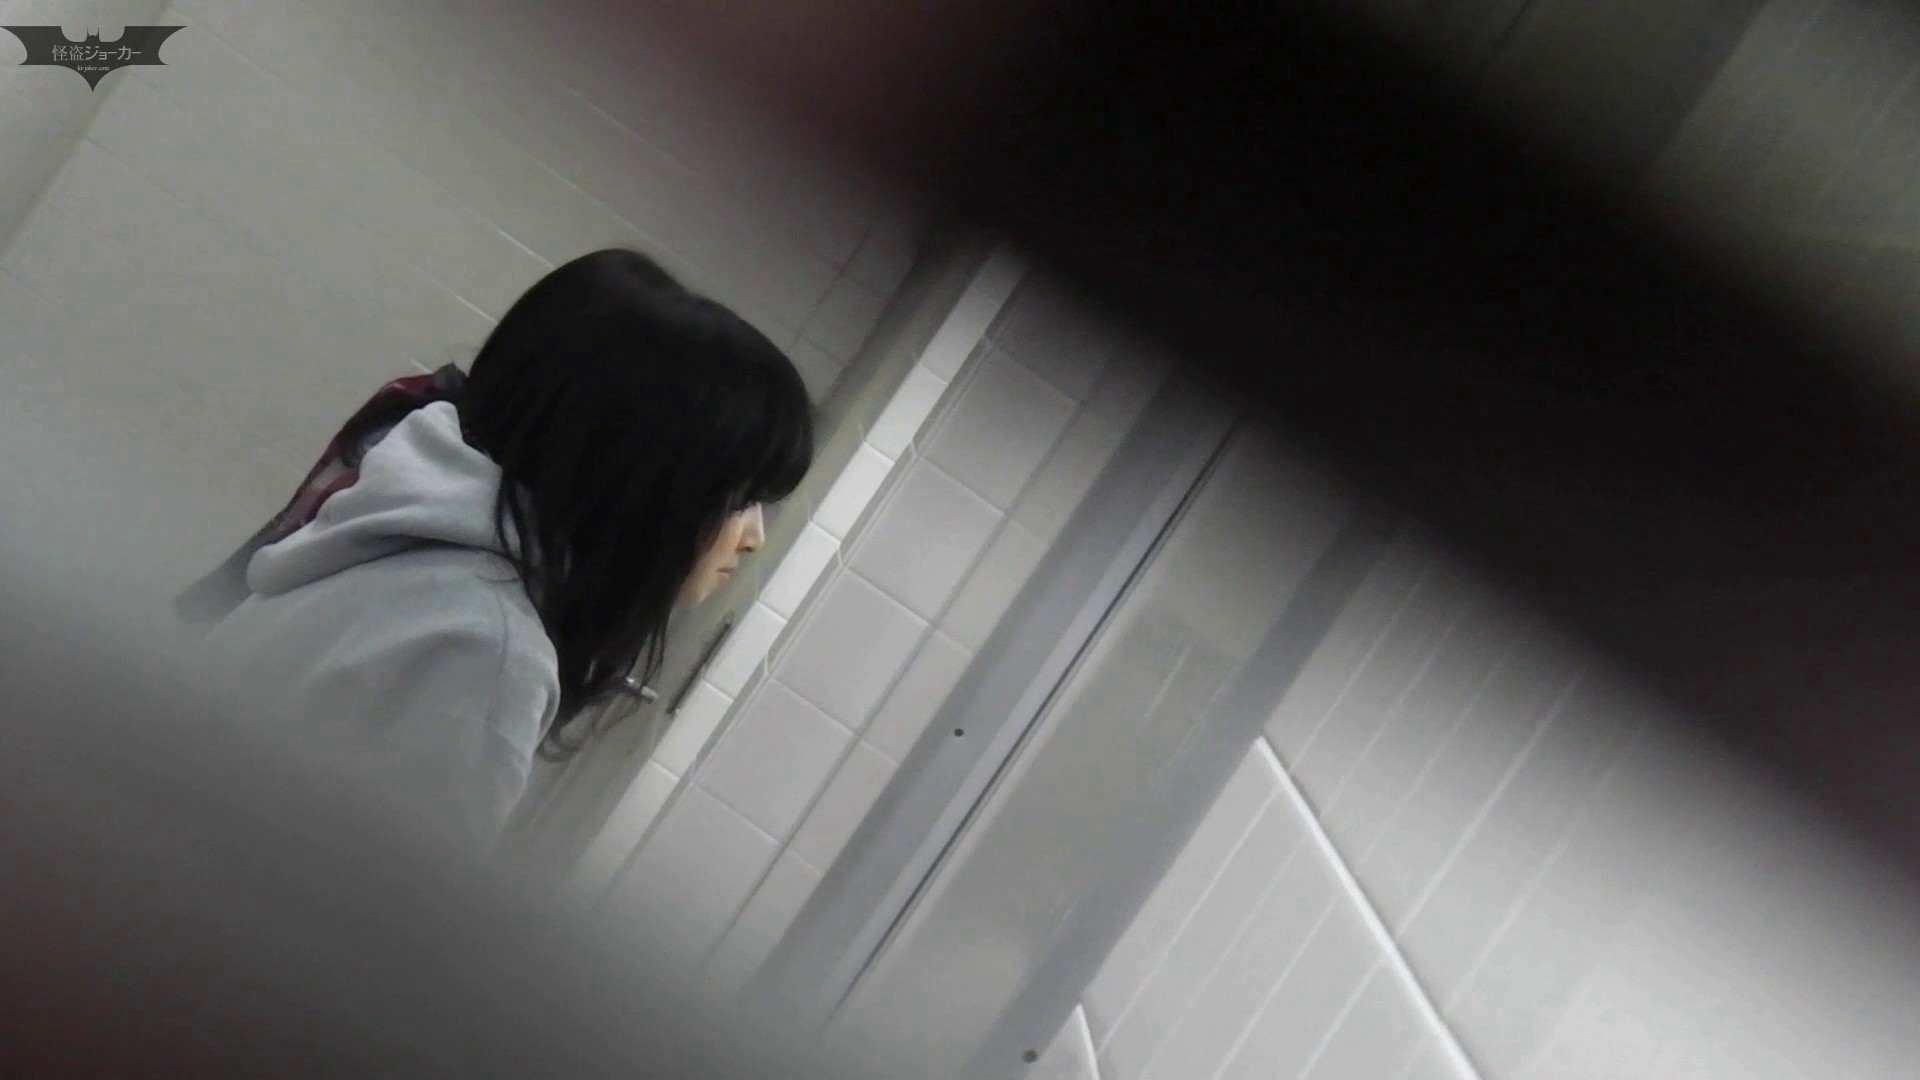 お銀さん vol.59 ピンチ!!「鏡の前で祈る女性」にばれる危機 洗面所 セックス画像 56画像 40